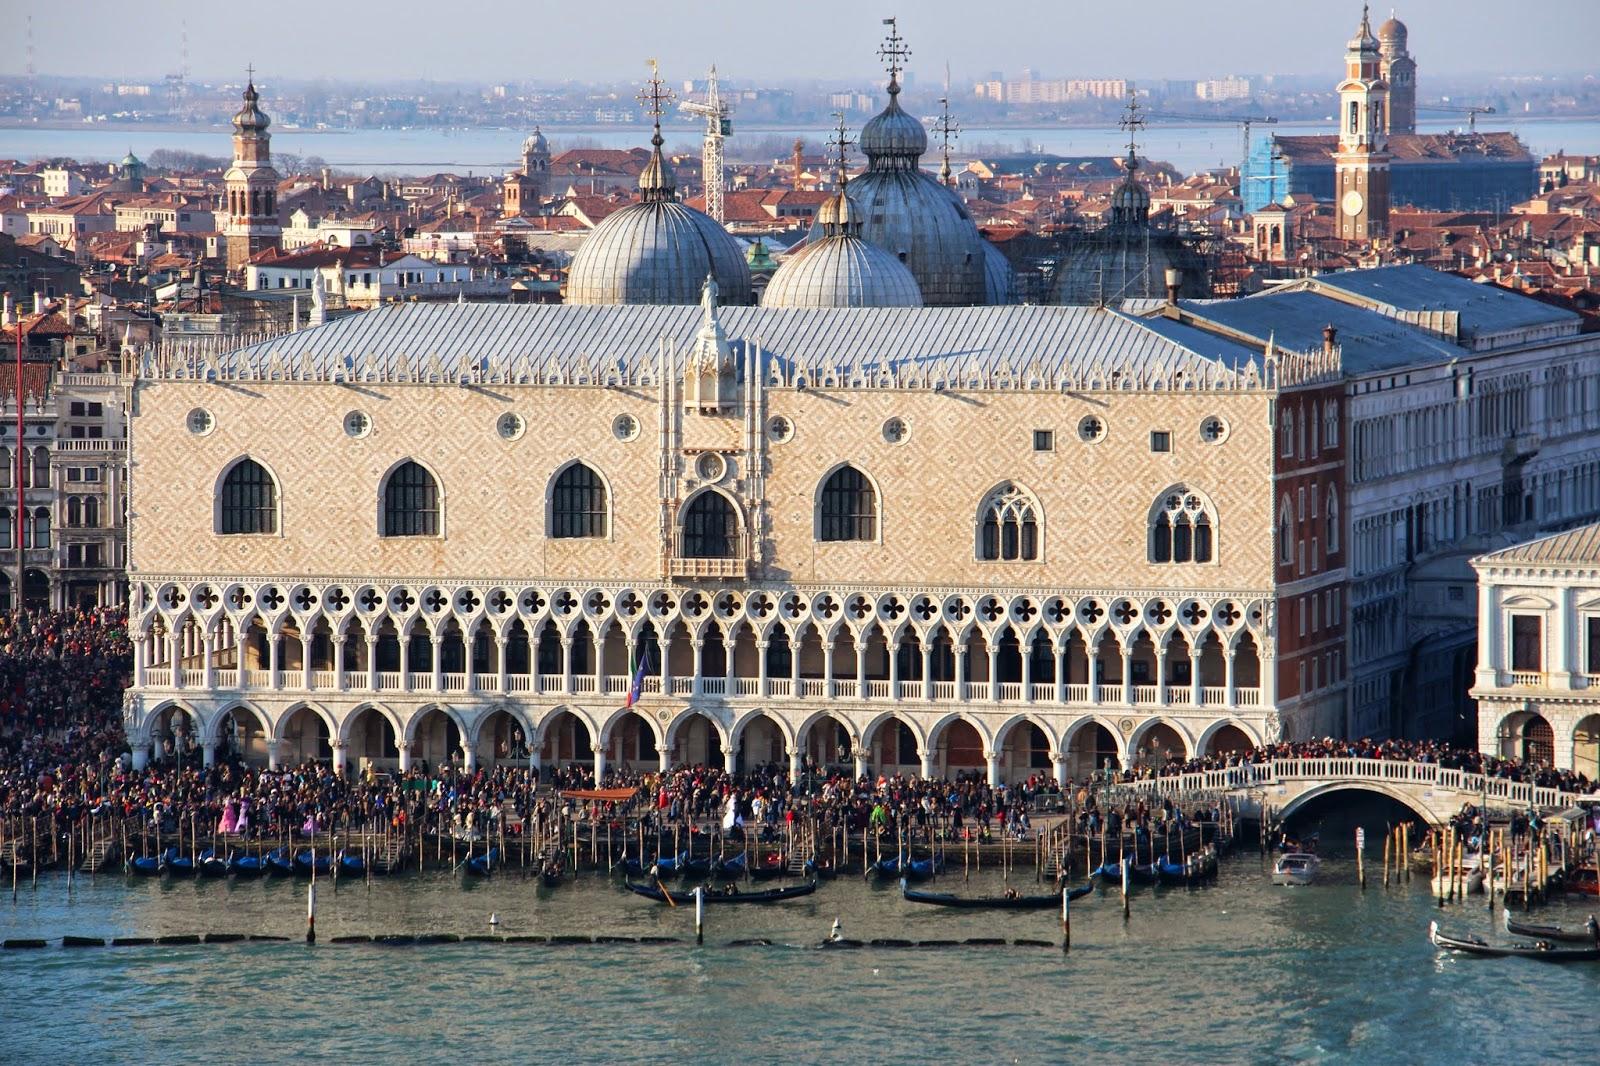 Visitar a ilha de SAN GIORGIO MAGGIORE em Veneza | Itália